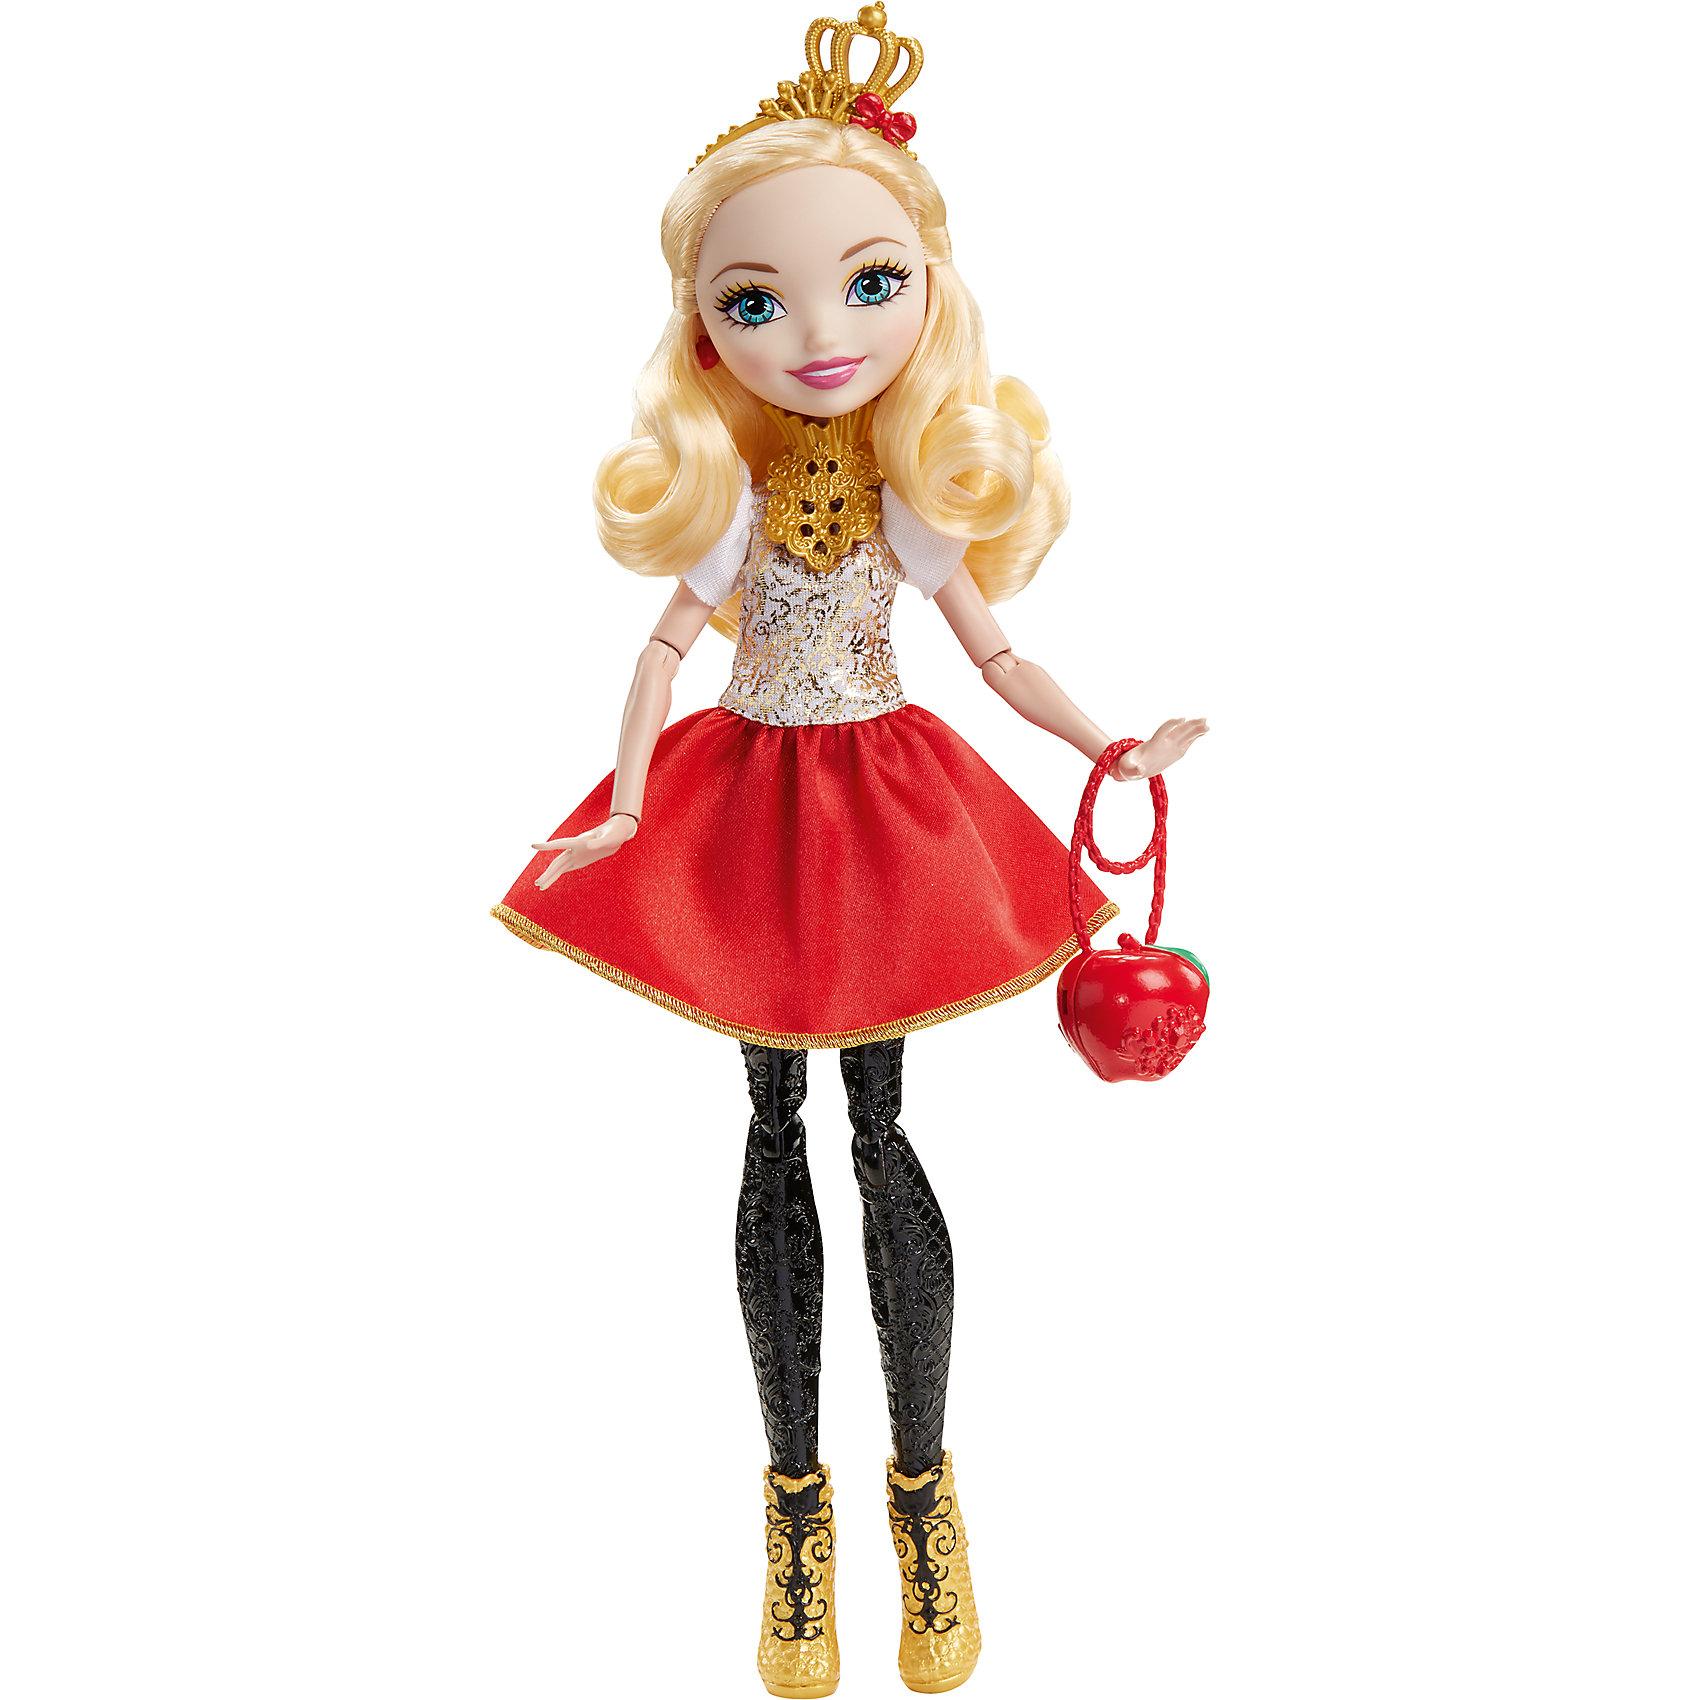 Кукла Эппл Уайт из серии Отважные принцессы, Ever After HighEver After High Игрушки<br>Характеристики товара:<br><br>• имя героини: Эппл Уайт, дочь Белоснежки<br>• комплектация: кукла, одежда, аксессуары<br>• материал: пластик, текстиль<br>• серия: Отважные принцессы, Ever After High<br>• руки, ноги гнутся<br>• высота куклы: 28 см<br>• возраст: от 6 лет<br>• размер упаковки: 33х23х7 см<br>• вес: 0,3 кг<br>• страна бренда: США<br><br>Такая современная кукла порадует маленьких любительниц мира Ever After High . Костюм героини дополняет обувь и аксессуары. Руки и ноги гнутся, из длинных волос можно делать прически! Кукла Эппл Уайтиз серии Отважные принцессы, Ever After High, станет великолепным подарком для девочек.<br><br>Игры с куклами помогают девочкам отработать сценарии поведения в обществе, развить воображение и мелкую моторику. Изделие произведено из безопасных для детей материалов. Куклы Monster High и Ever After High от бренда Mattel не перестают быть популярными у современных девочек! <br><br>Куклу Эппл Уайт из серии Отважные принцессы, Ever After High, от компании Mattel можно купить в нашем интернет-магазине.<br><br>Ширина мм: 230<br>Глубина мм: 65<br>Высота мм: 130<br>Вес г: 312<br>Возраст от месяцев: 72<br>Возраст до месяцев: 144<br>Пол: Женский<br>Возраст: Детский<br>SKU: 5389676